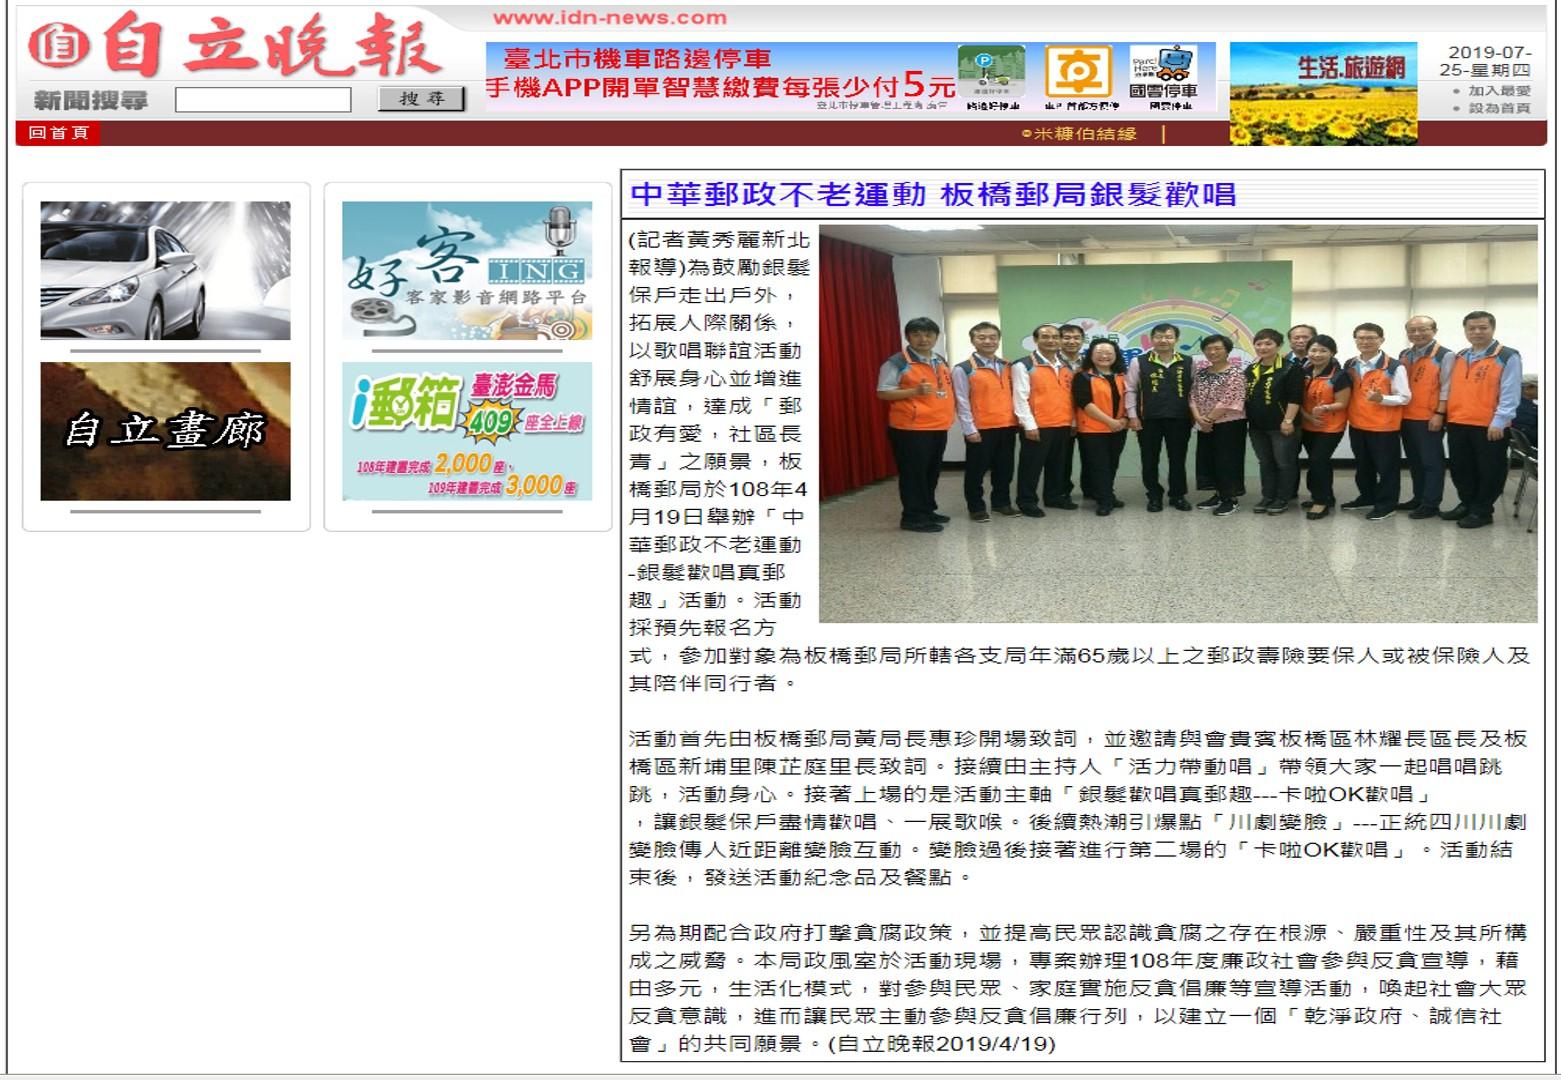 中華郵政不老運動 板橋郵局銀髮歡唱(自立晚報108年4月19日)